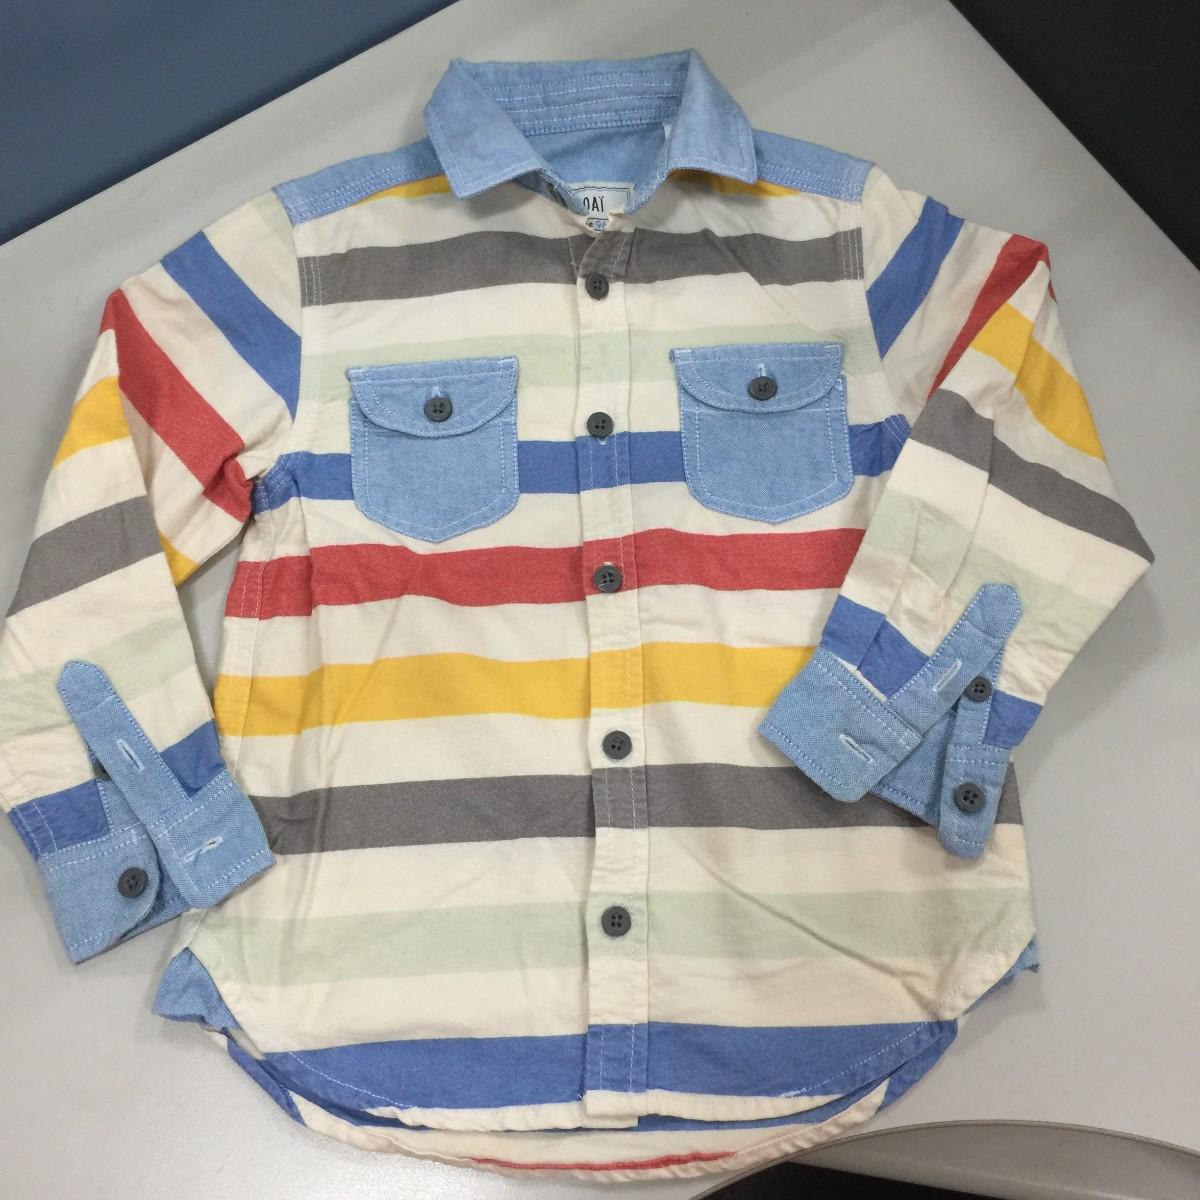 童装 衣服 1200_1200